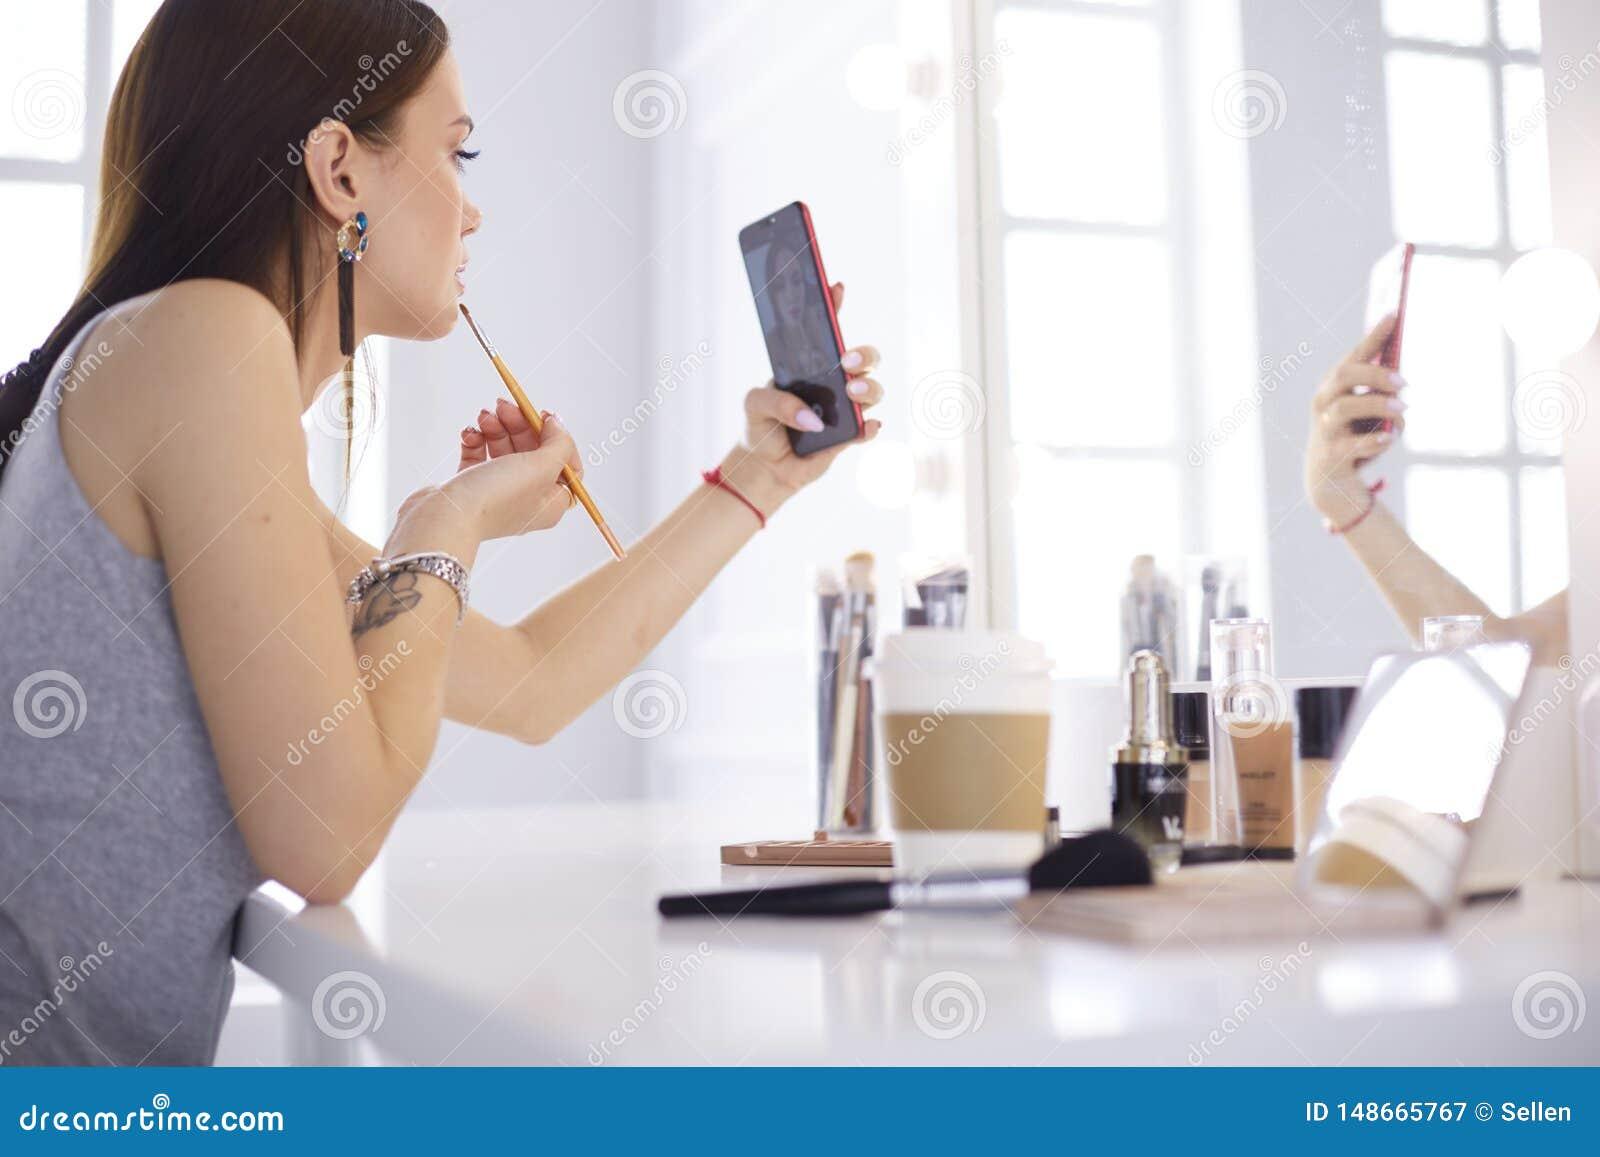 ?e?ska m?oda pi?kna dziewczyna z k?dzierzawym w?osy i makija?em pi?kna kobieta robi autoportretowi telefonem